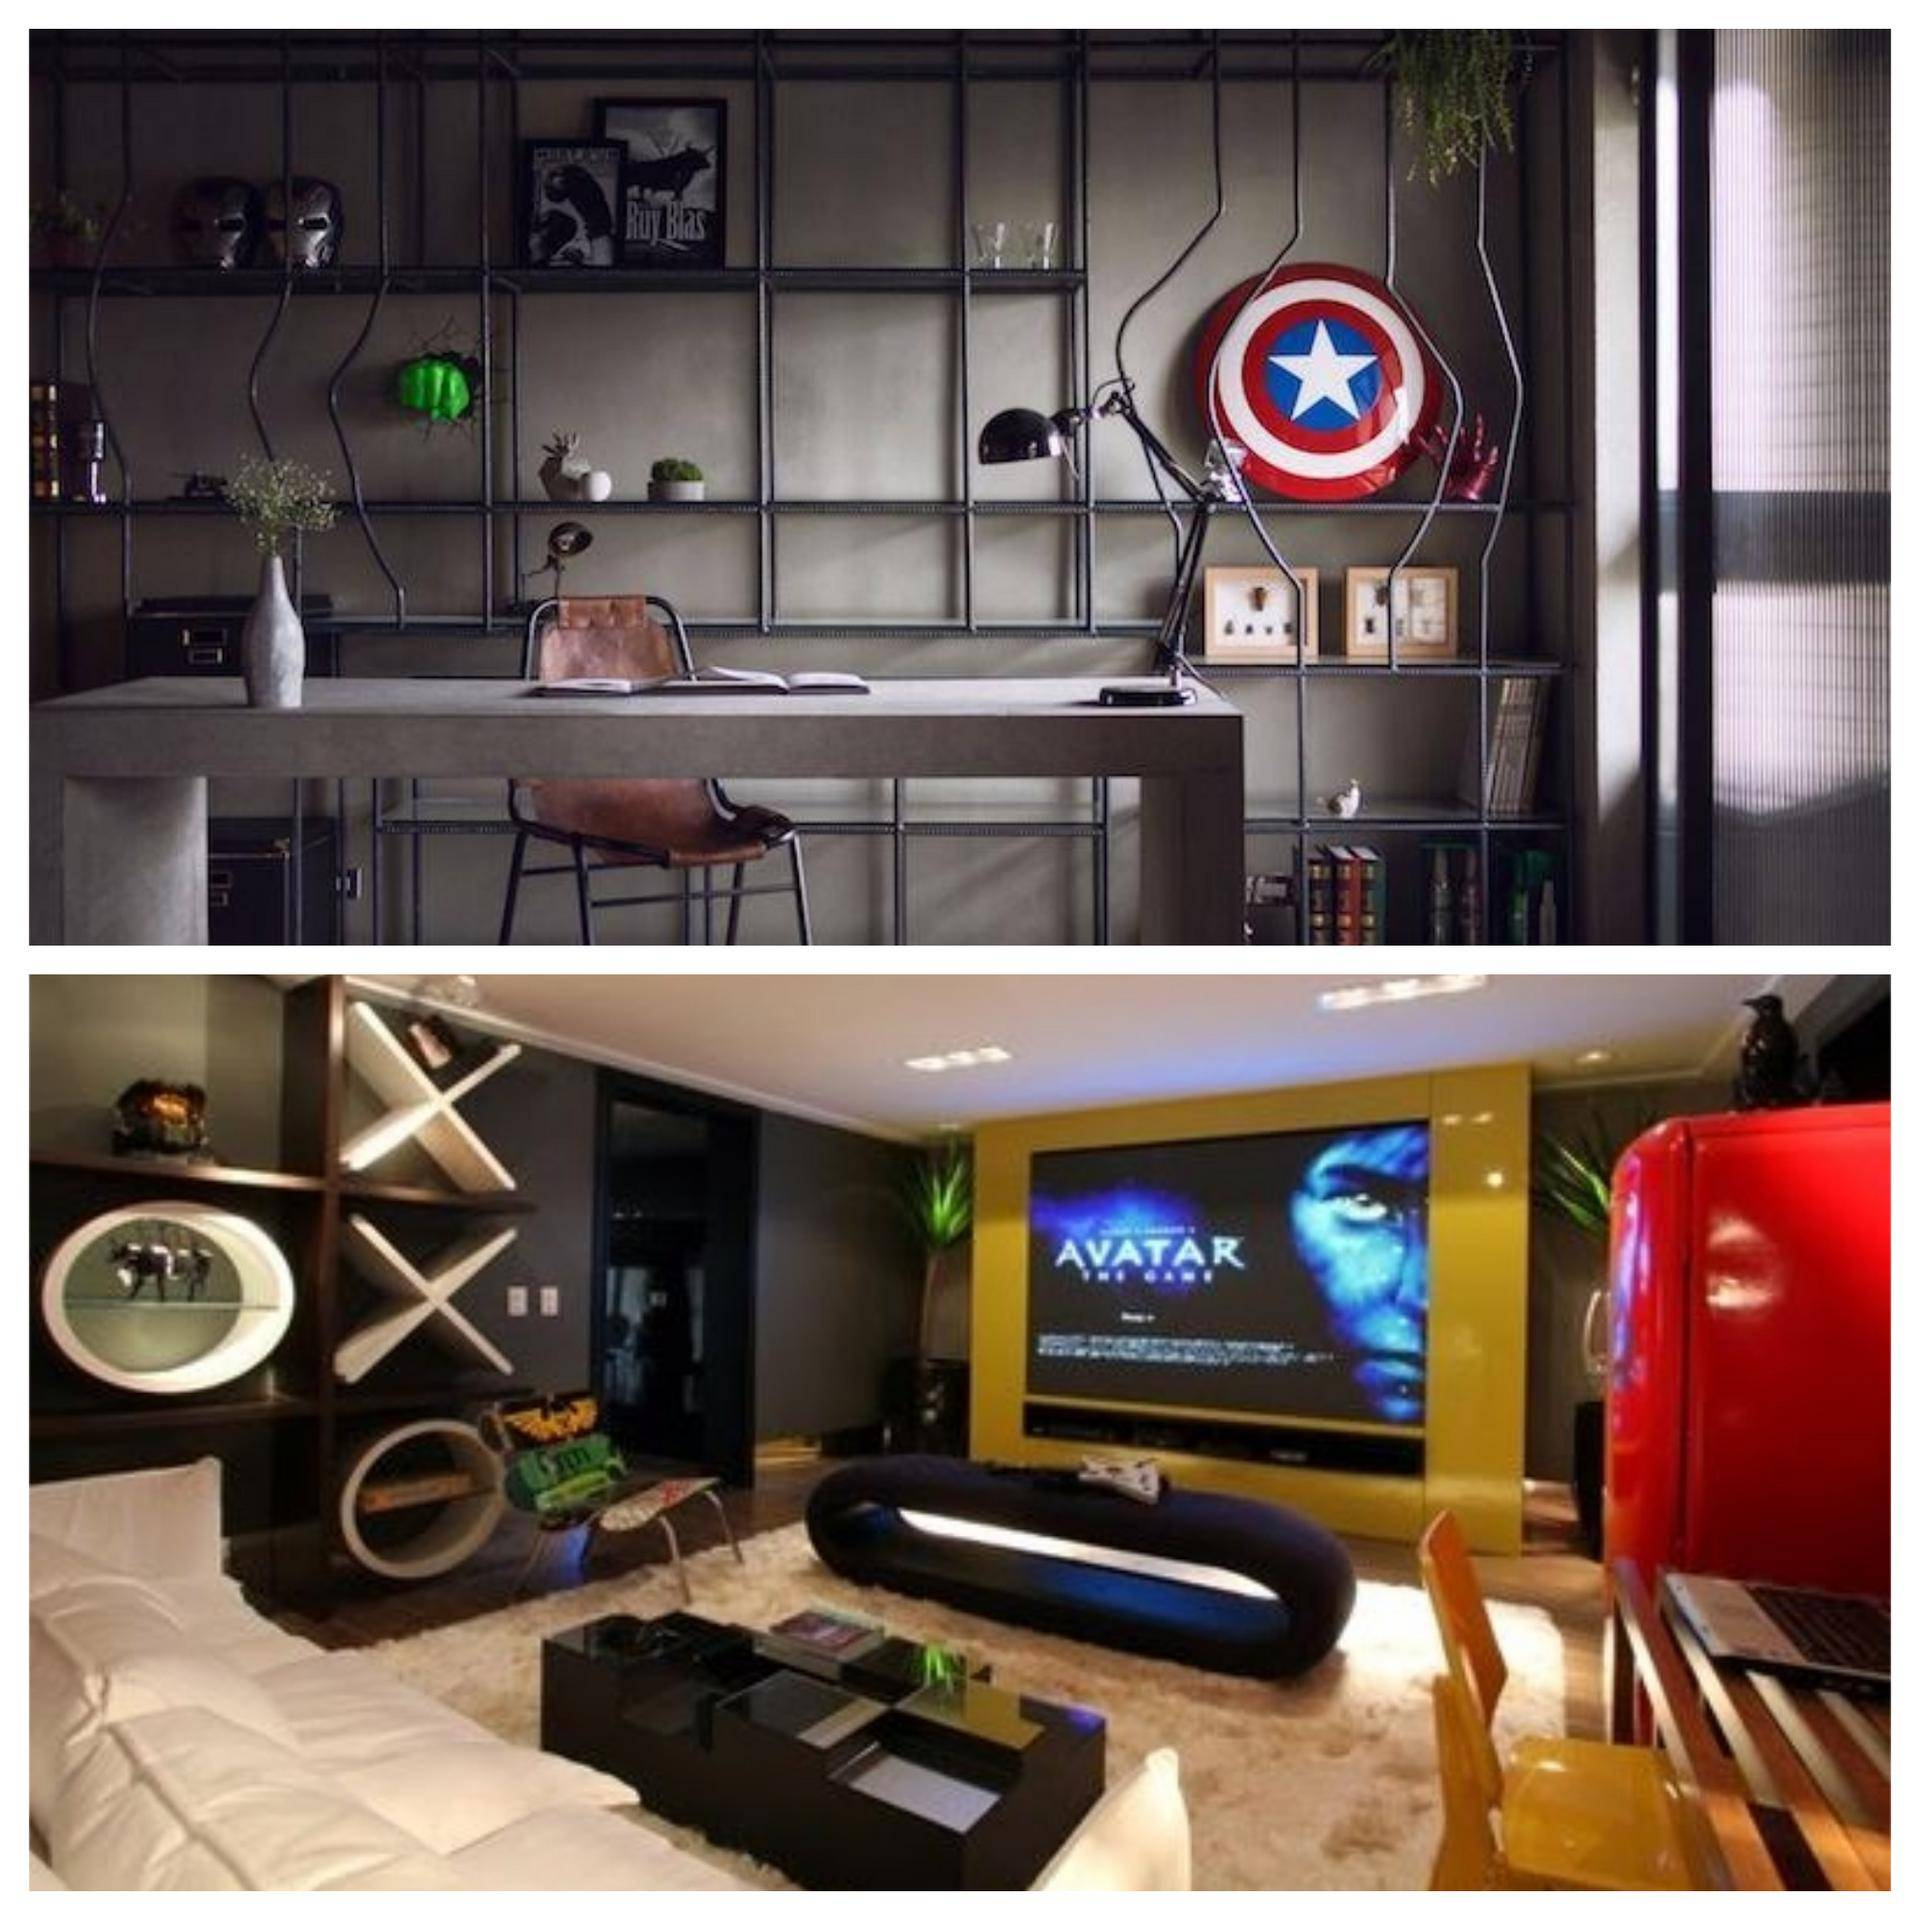 www.juicysantos.com.br - objetos nerds na decoração da casa